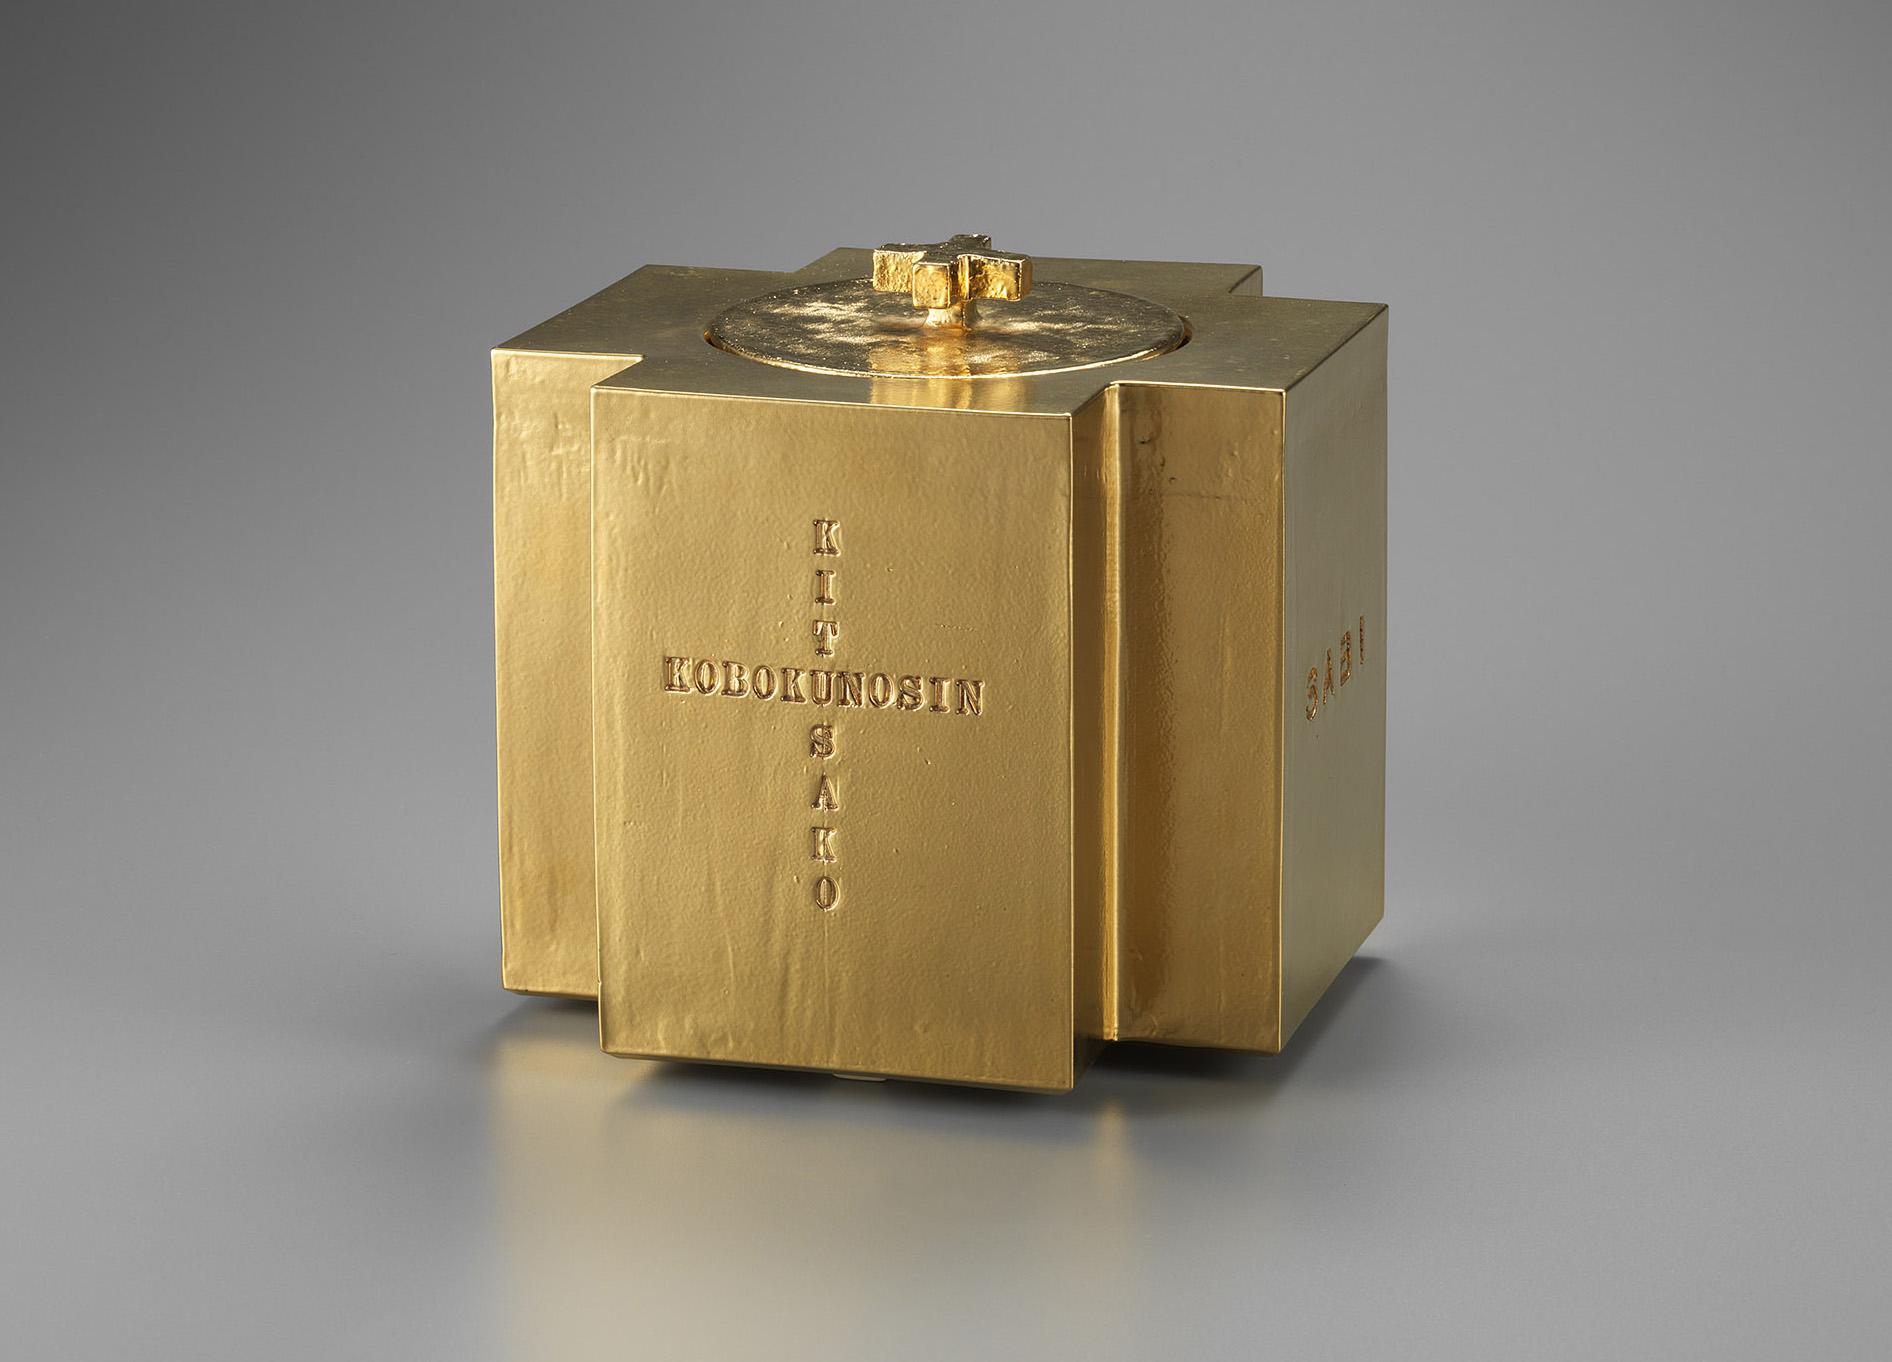 三輪栄造《金彩クルス水指》 1993年 東京国立近代美術館蔵